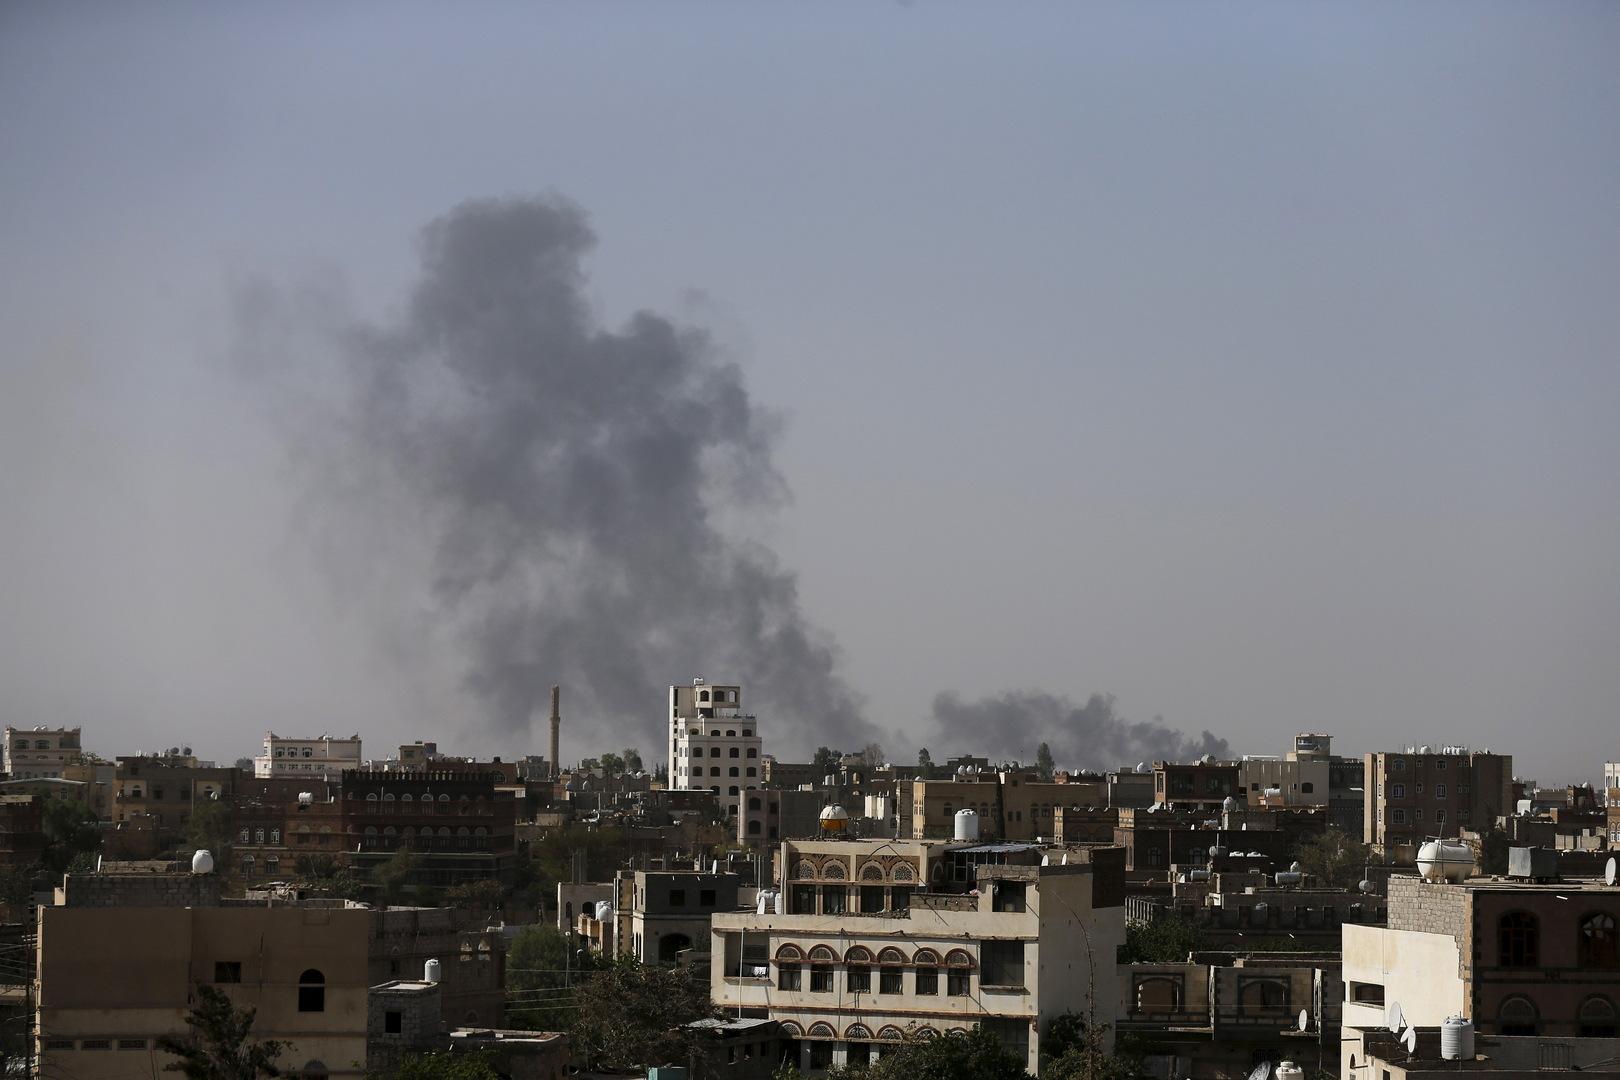 التحالف يعلن عن اكتشاف وتدمير لغمين بحريين زرعهما الحوثيون في جنوب البحر الأحمر